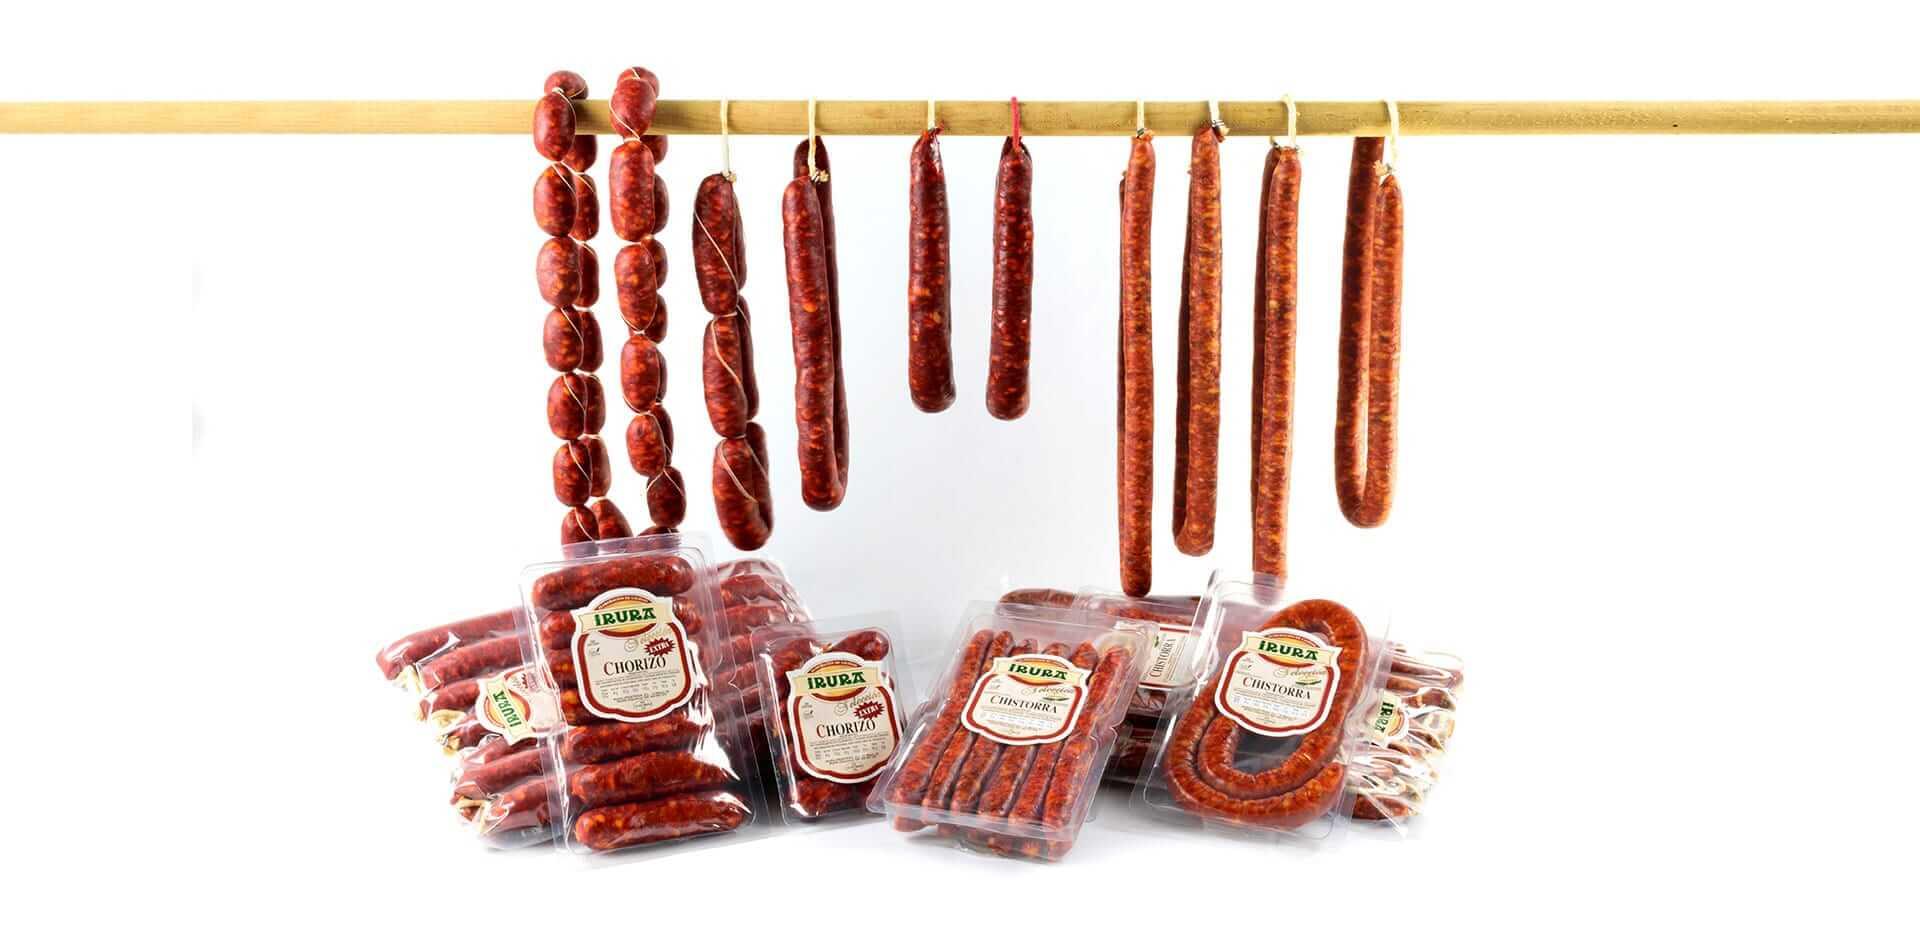 productos-irura-embutidos-chartuteria